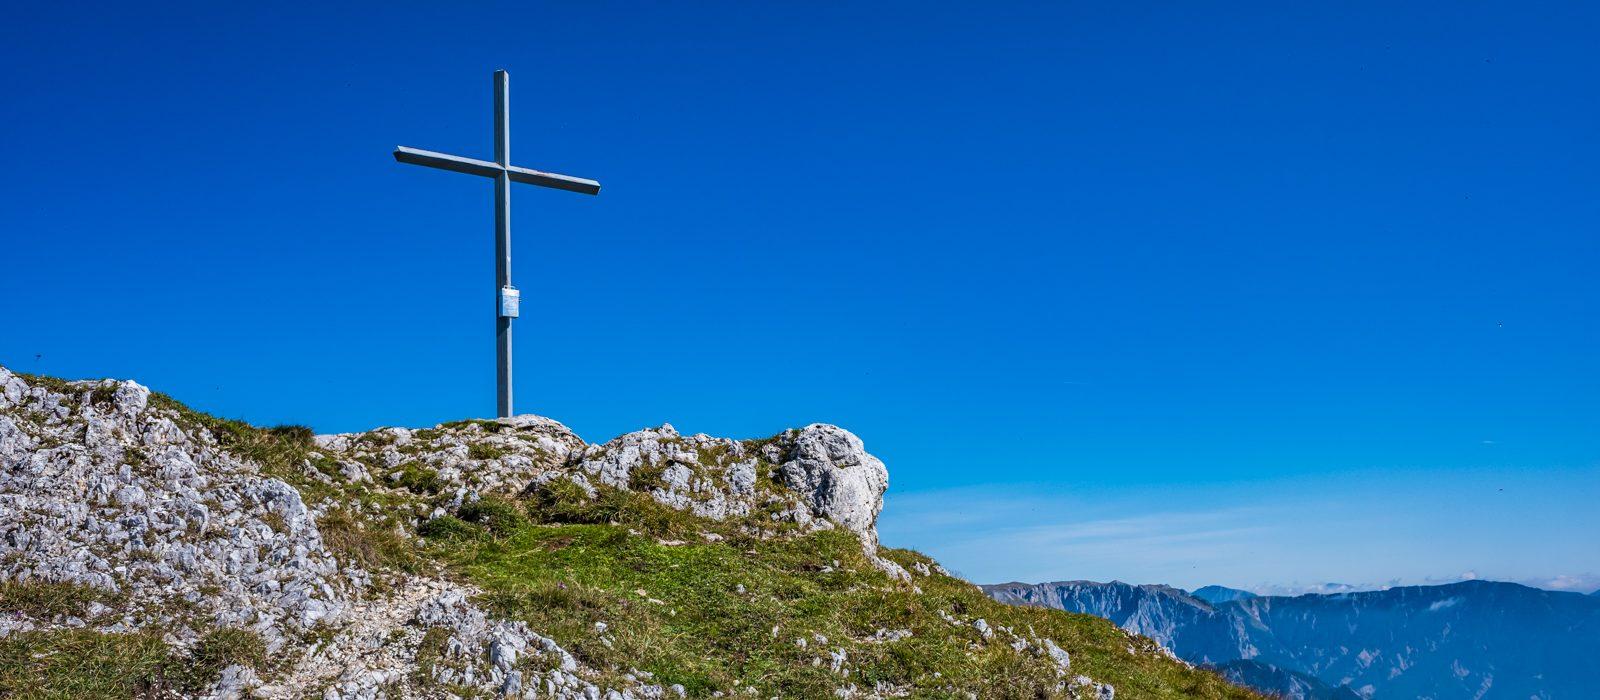 Gipfelkreuz Meßnerin | Norbert Eder Photography